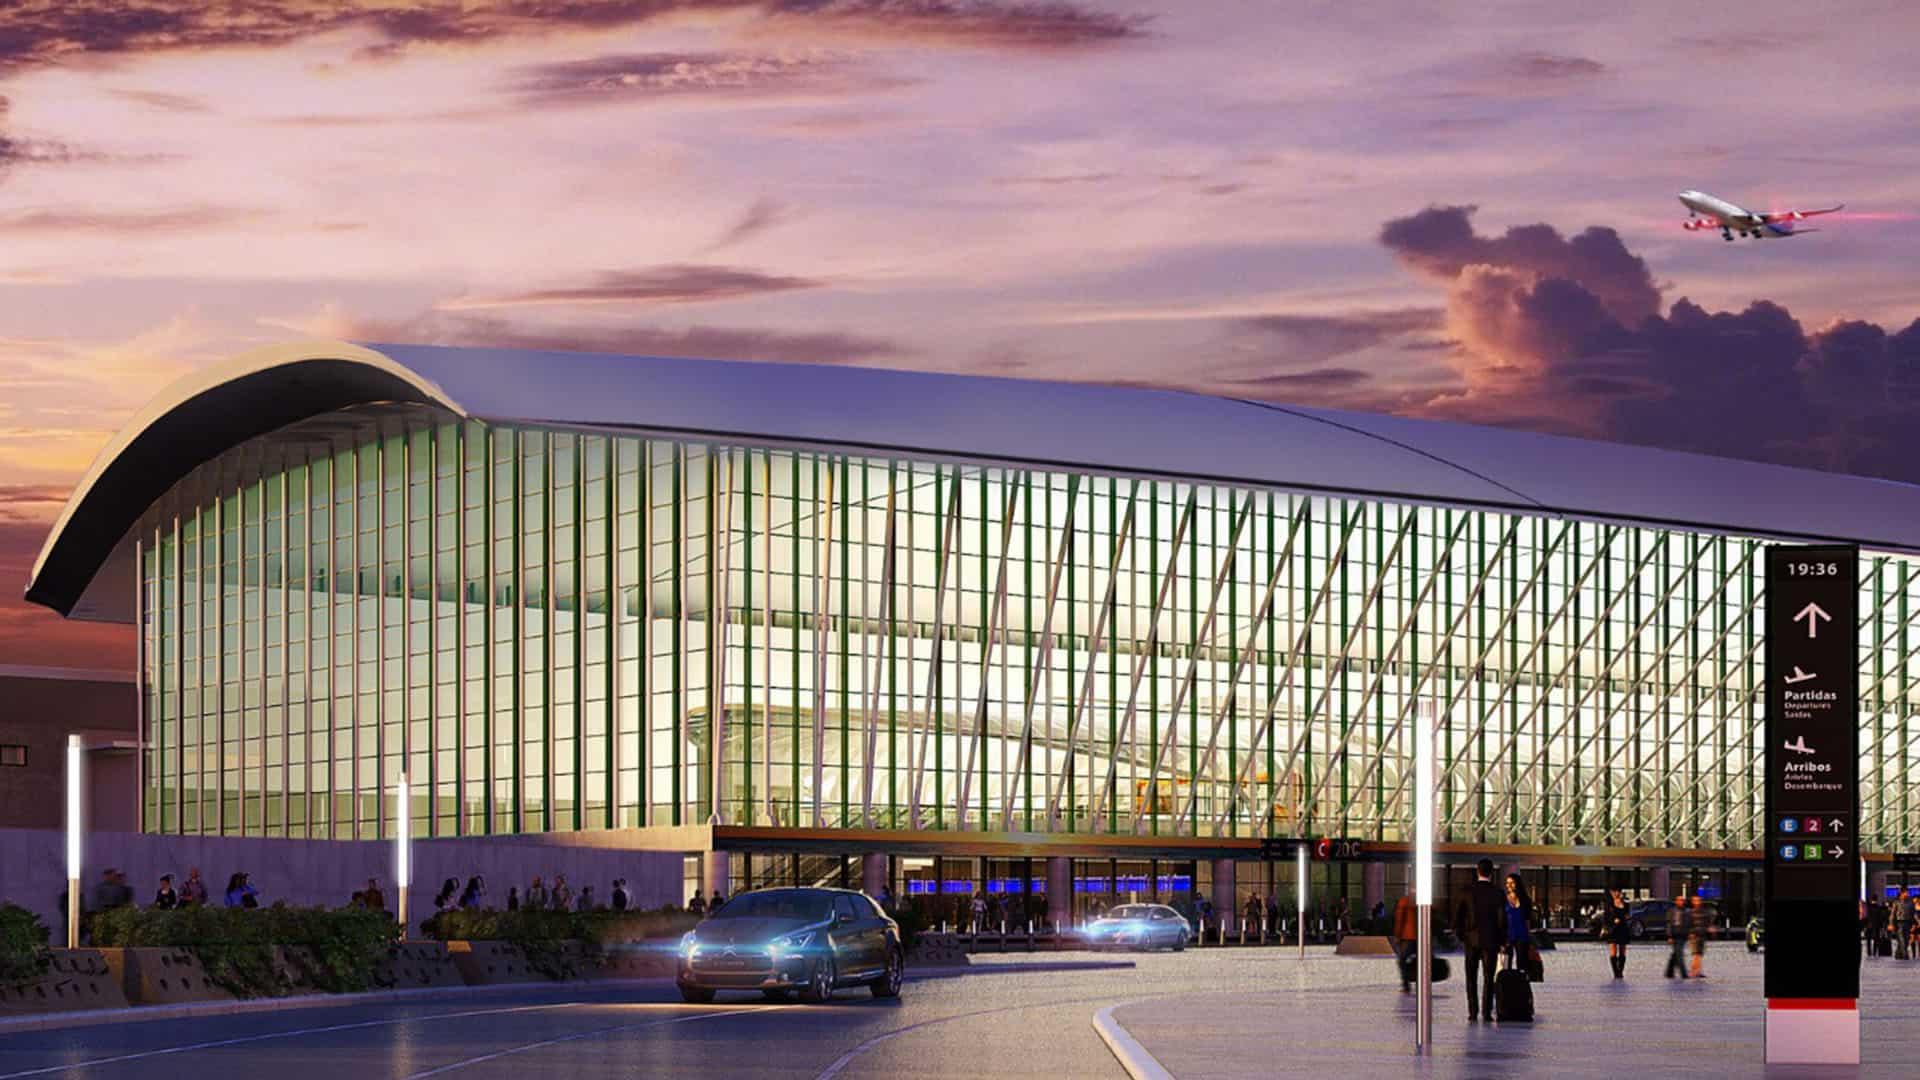 nuevo-aeropuerto-ezeiza-zepellin-13042019in2